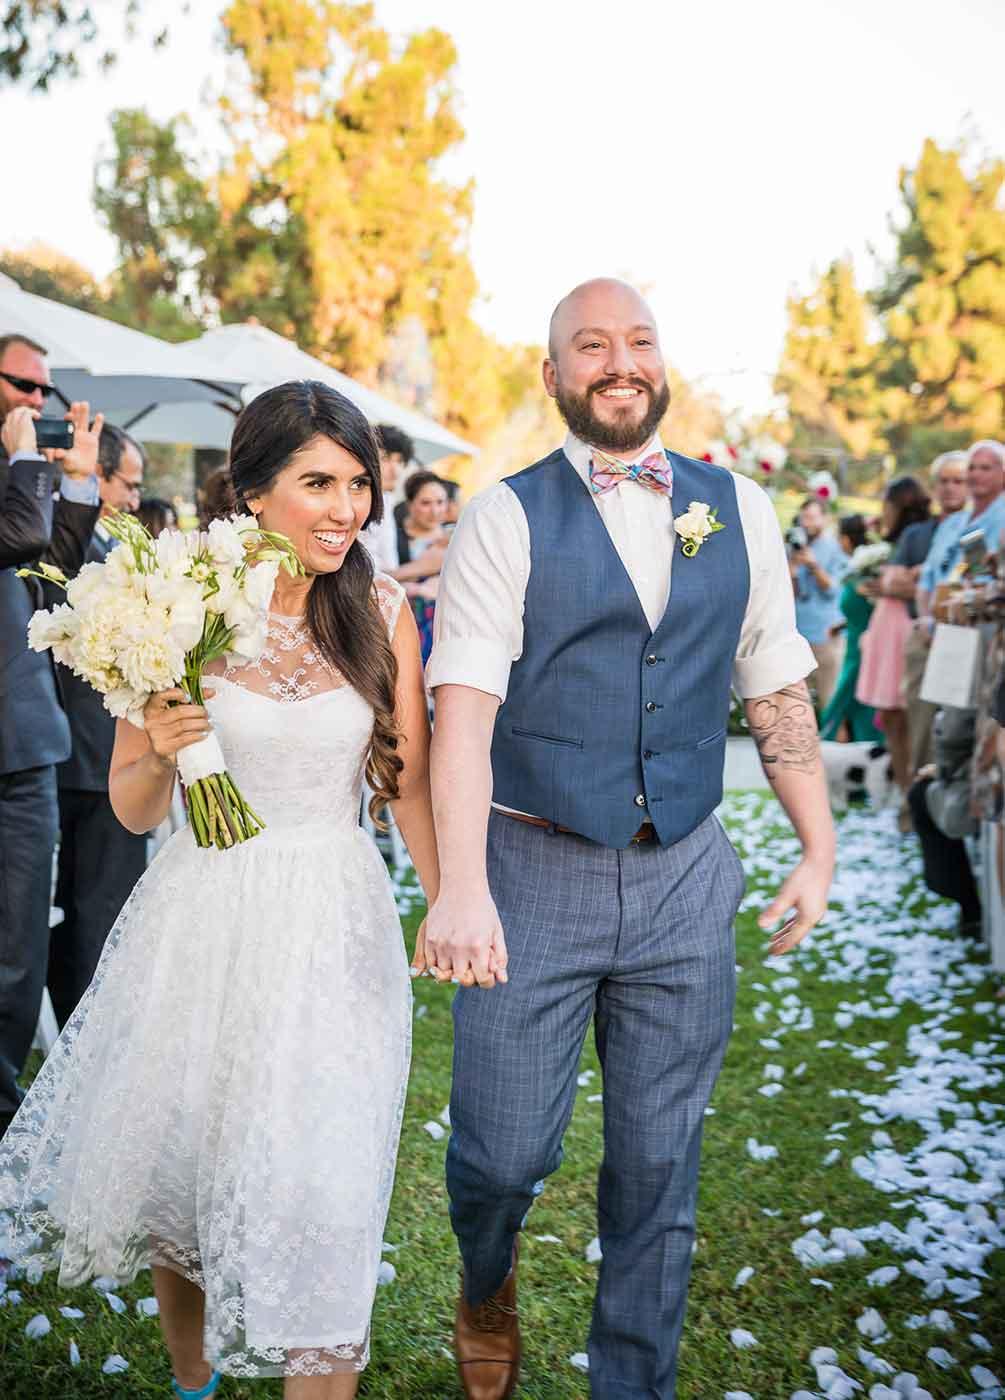 smlNahal-+-Joe-Wedding---Aug-2015-106.jpg